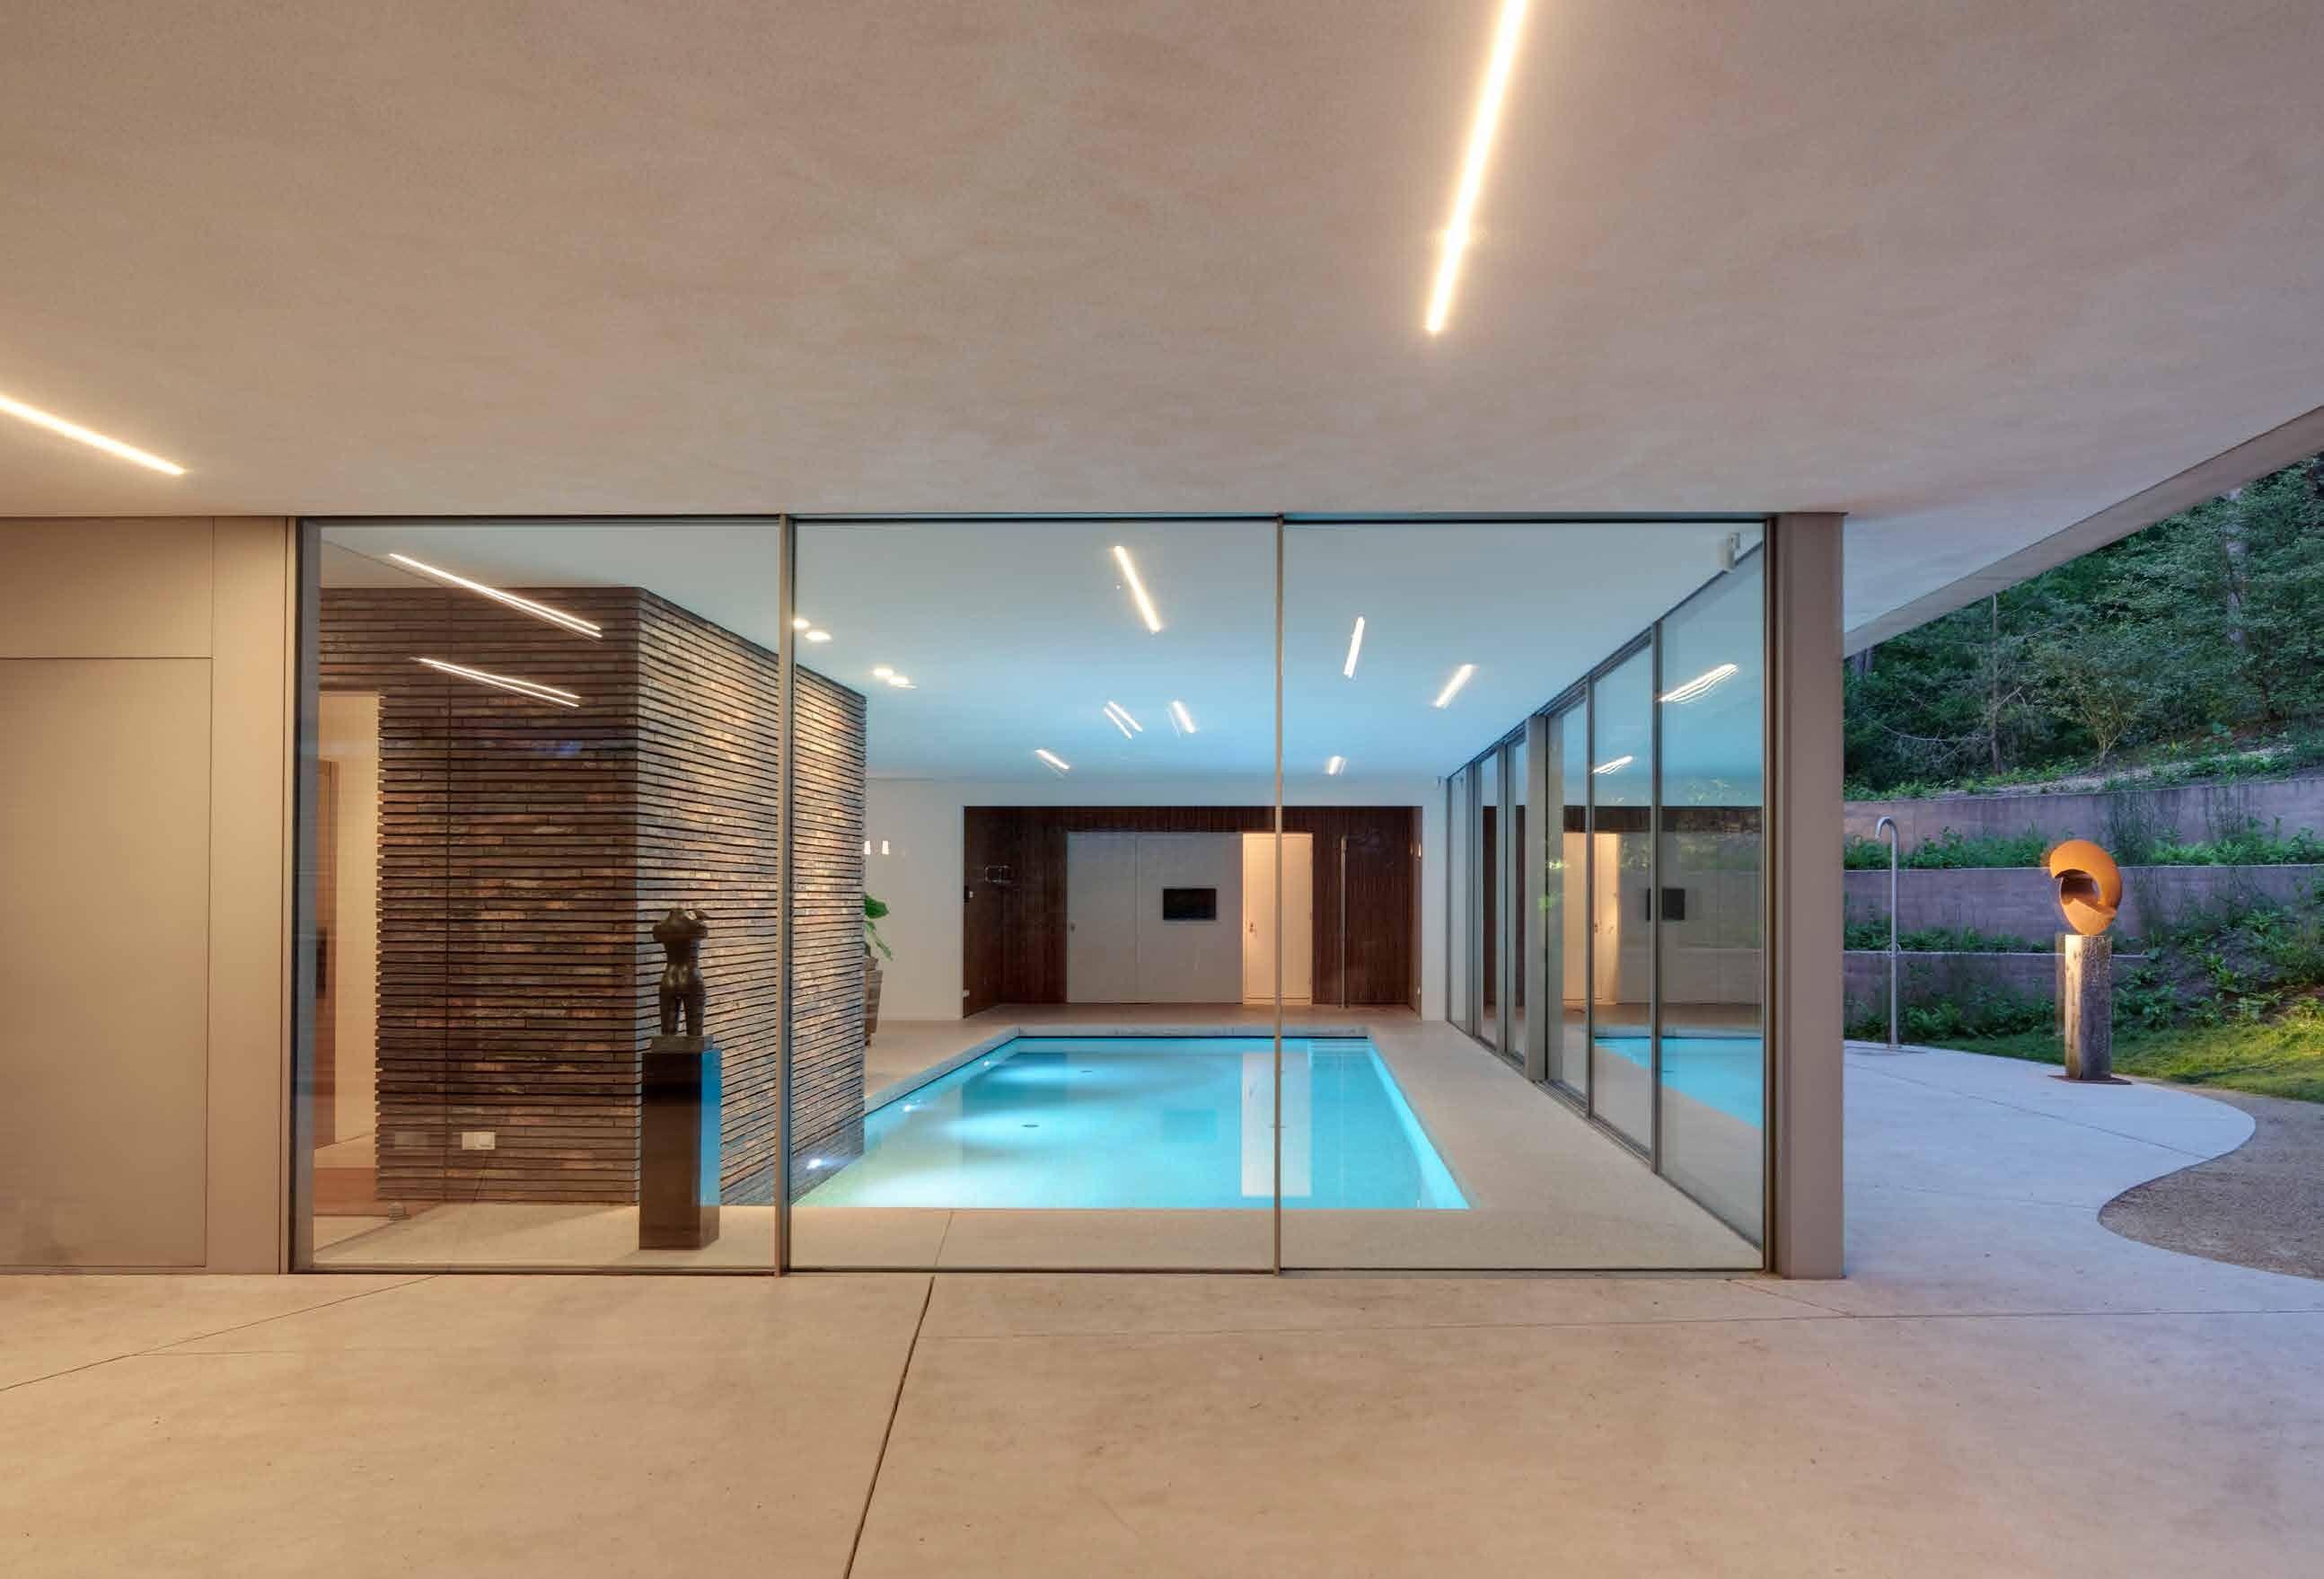 Zwembad zwedak recreatiebouw b.v. binnen zwembaden pinterest